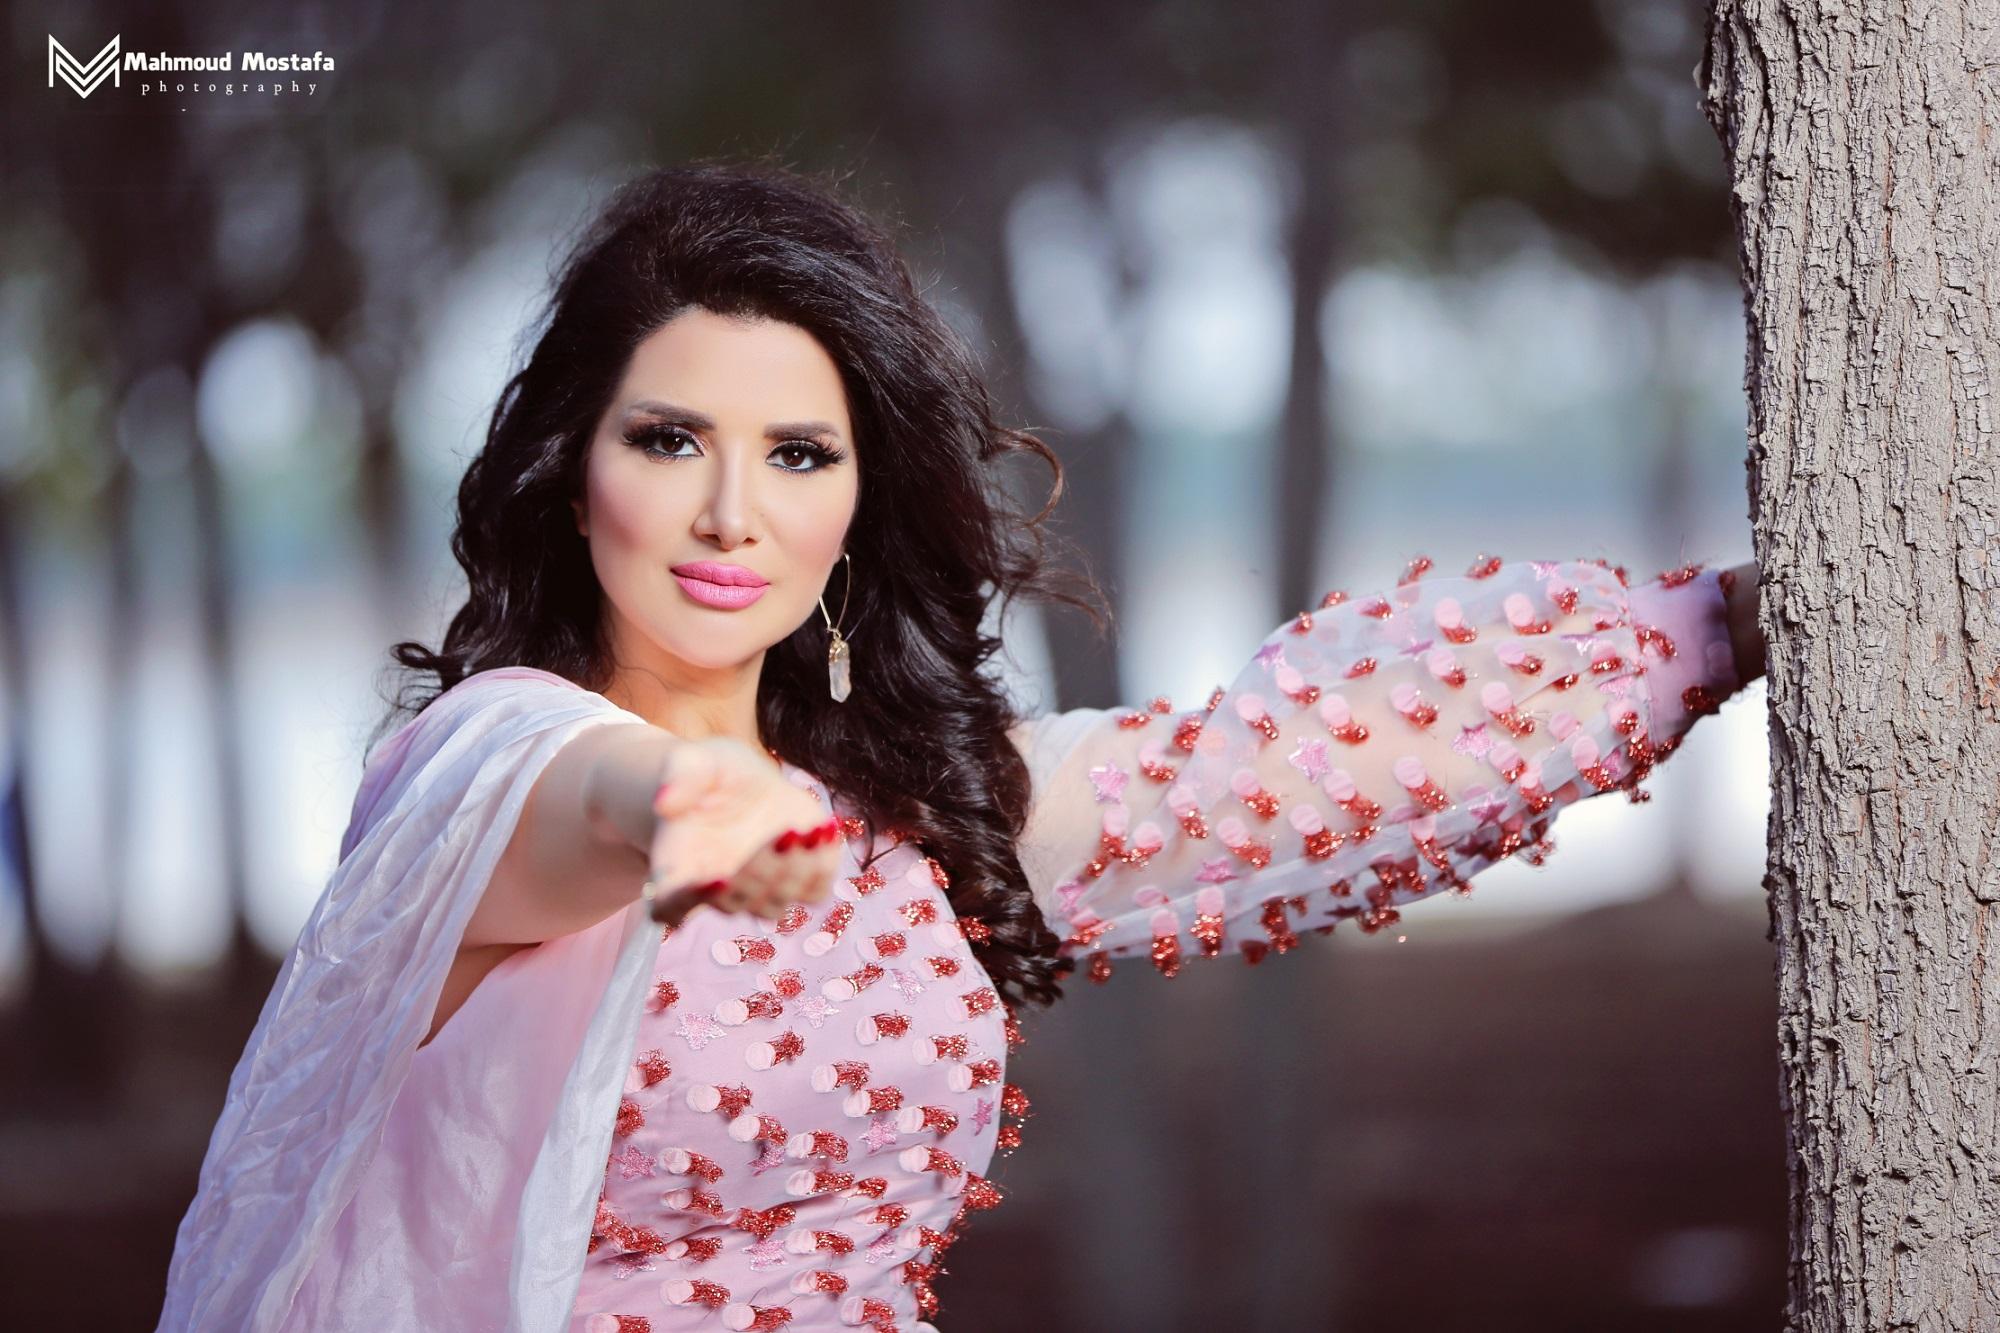 صورة زين عوض في تعاون مصري خليجي تقدم اغنية خليجية جديدة